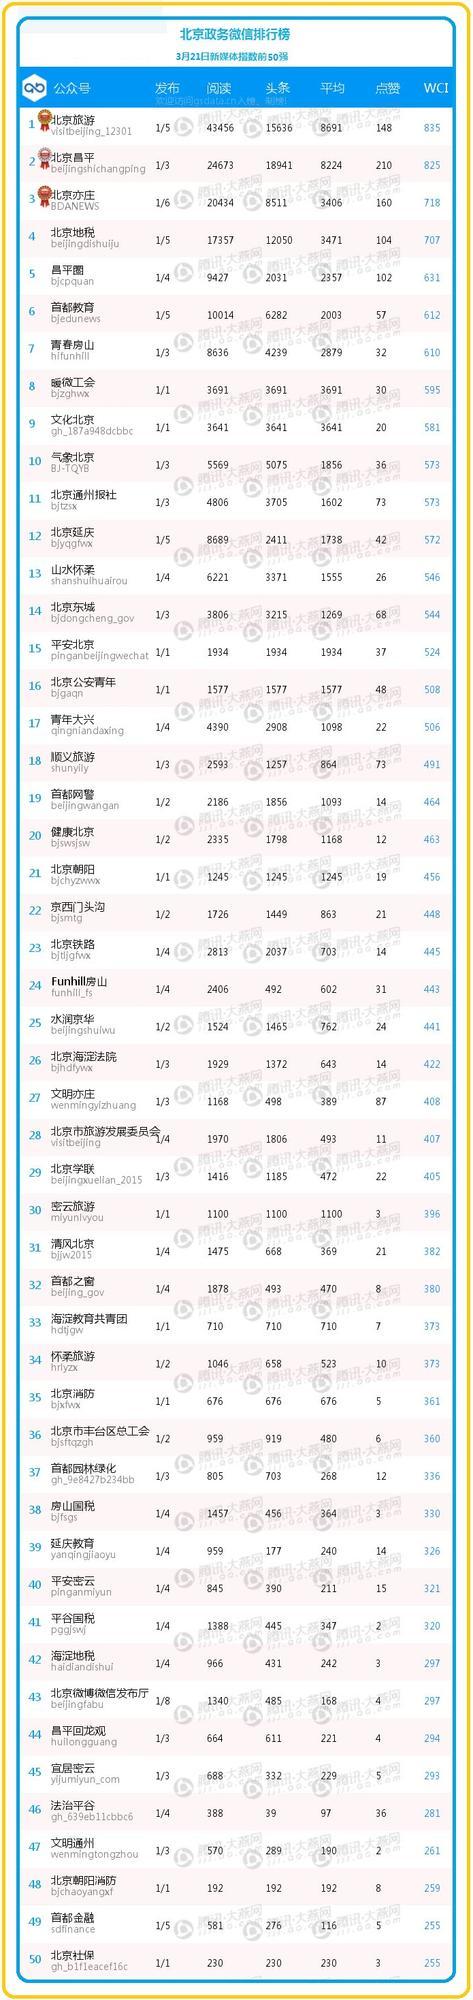 """【日排榜】克强总理力推三证合一简化创业流程 """"北京地税""""携便民服务成黑马"""